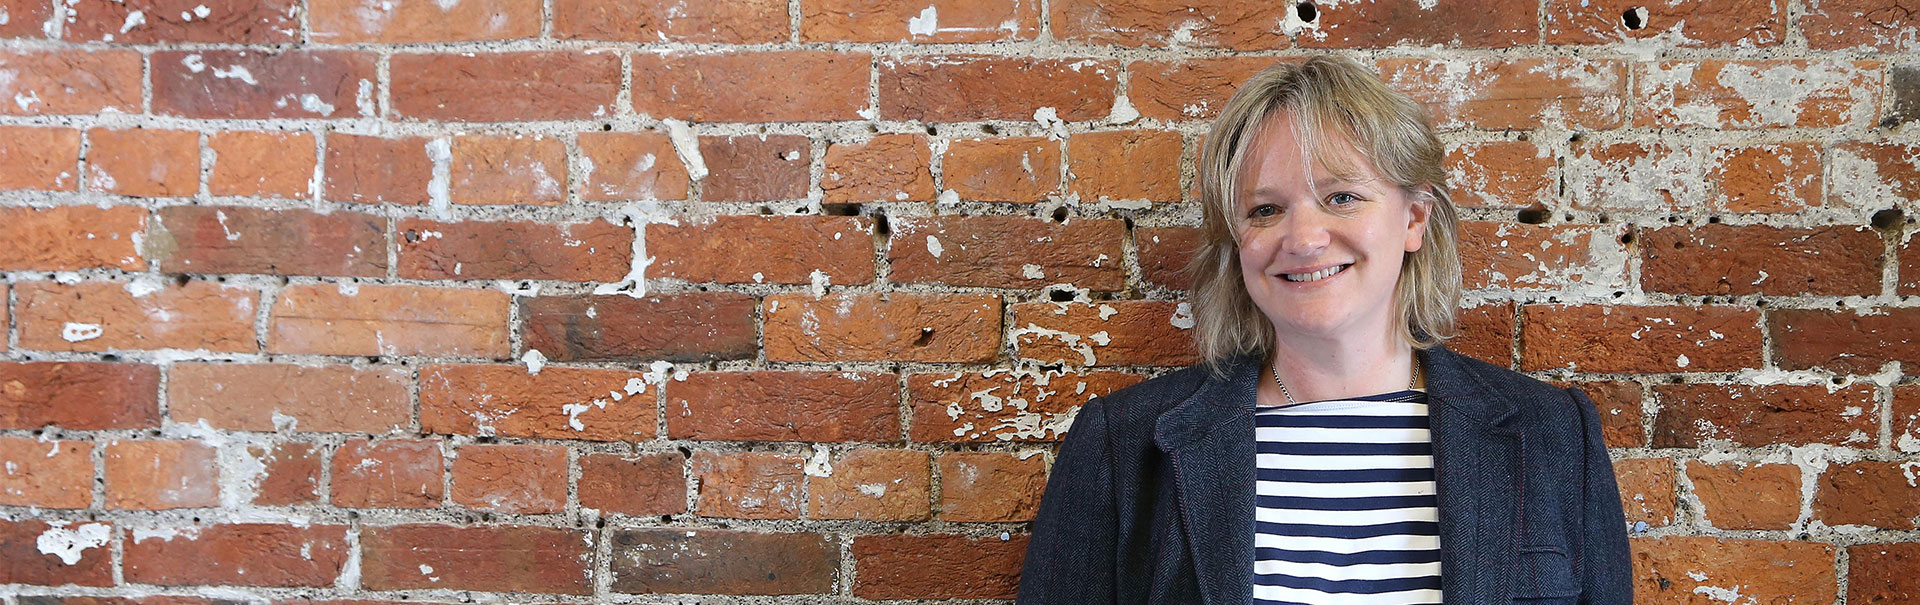 Joanna Watchman, Work in Mind Founder